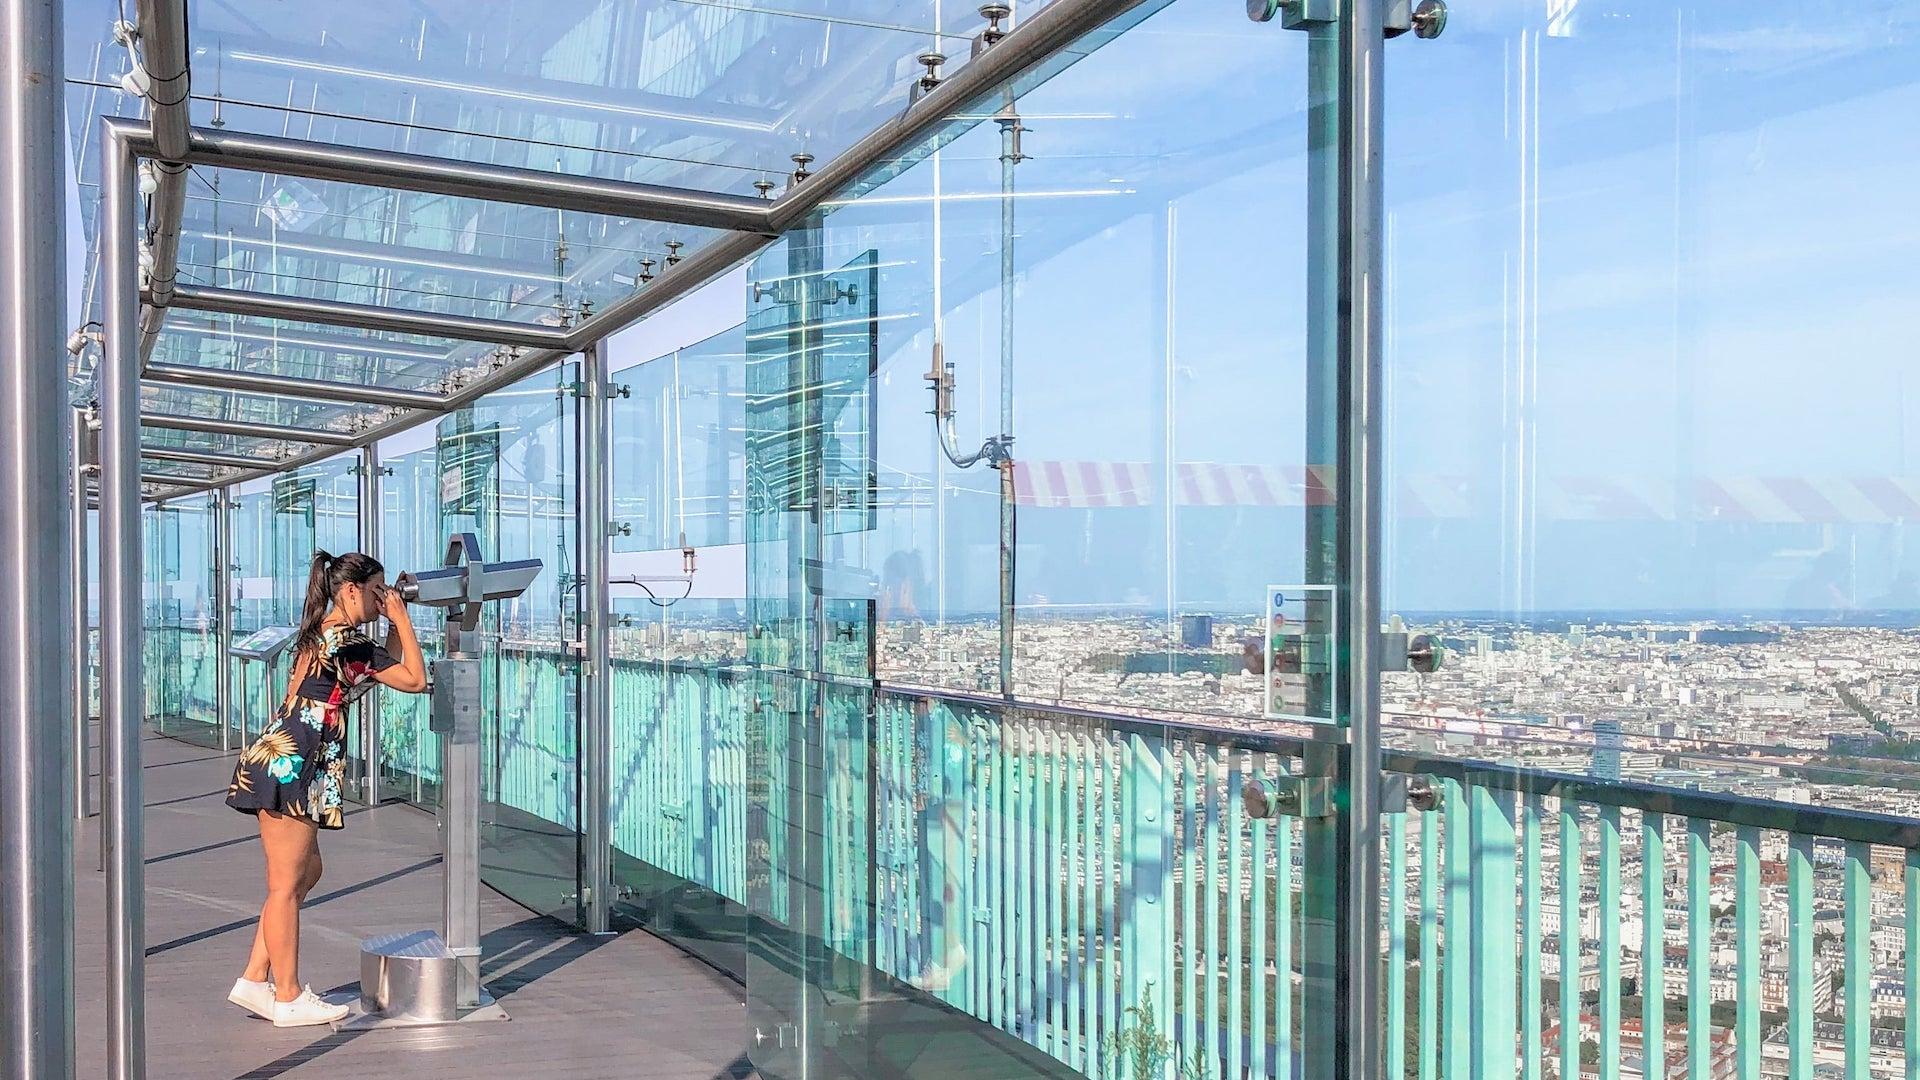 Dicas - Torre Montparnasse em Paris